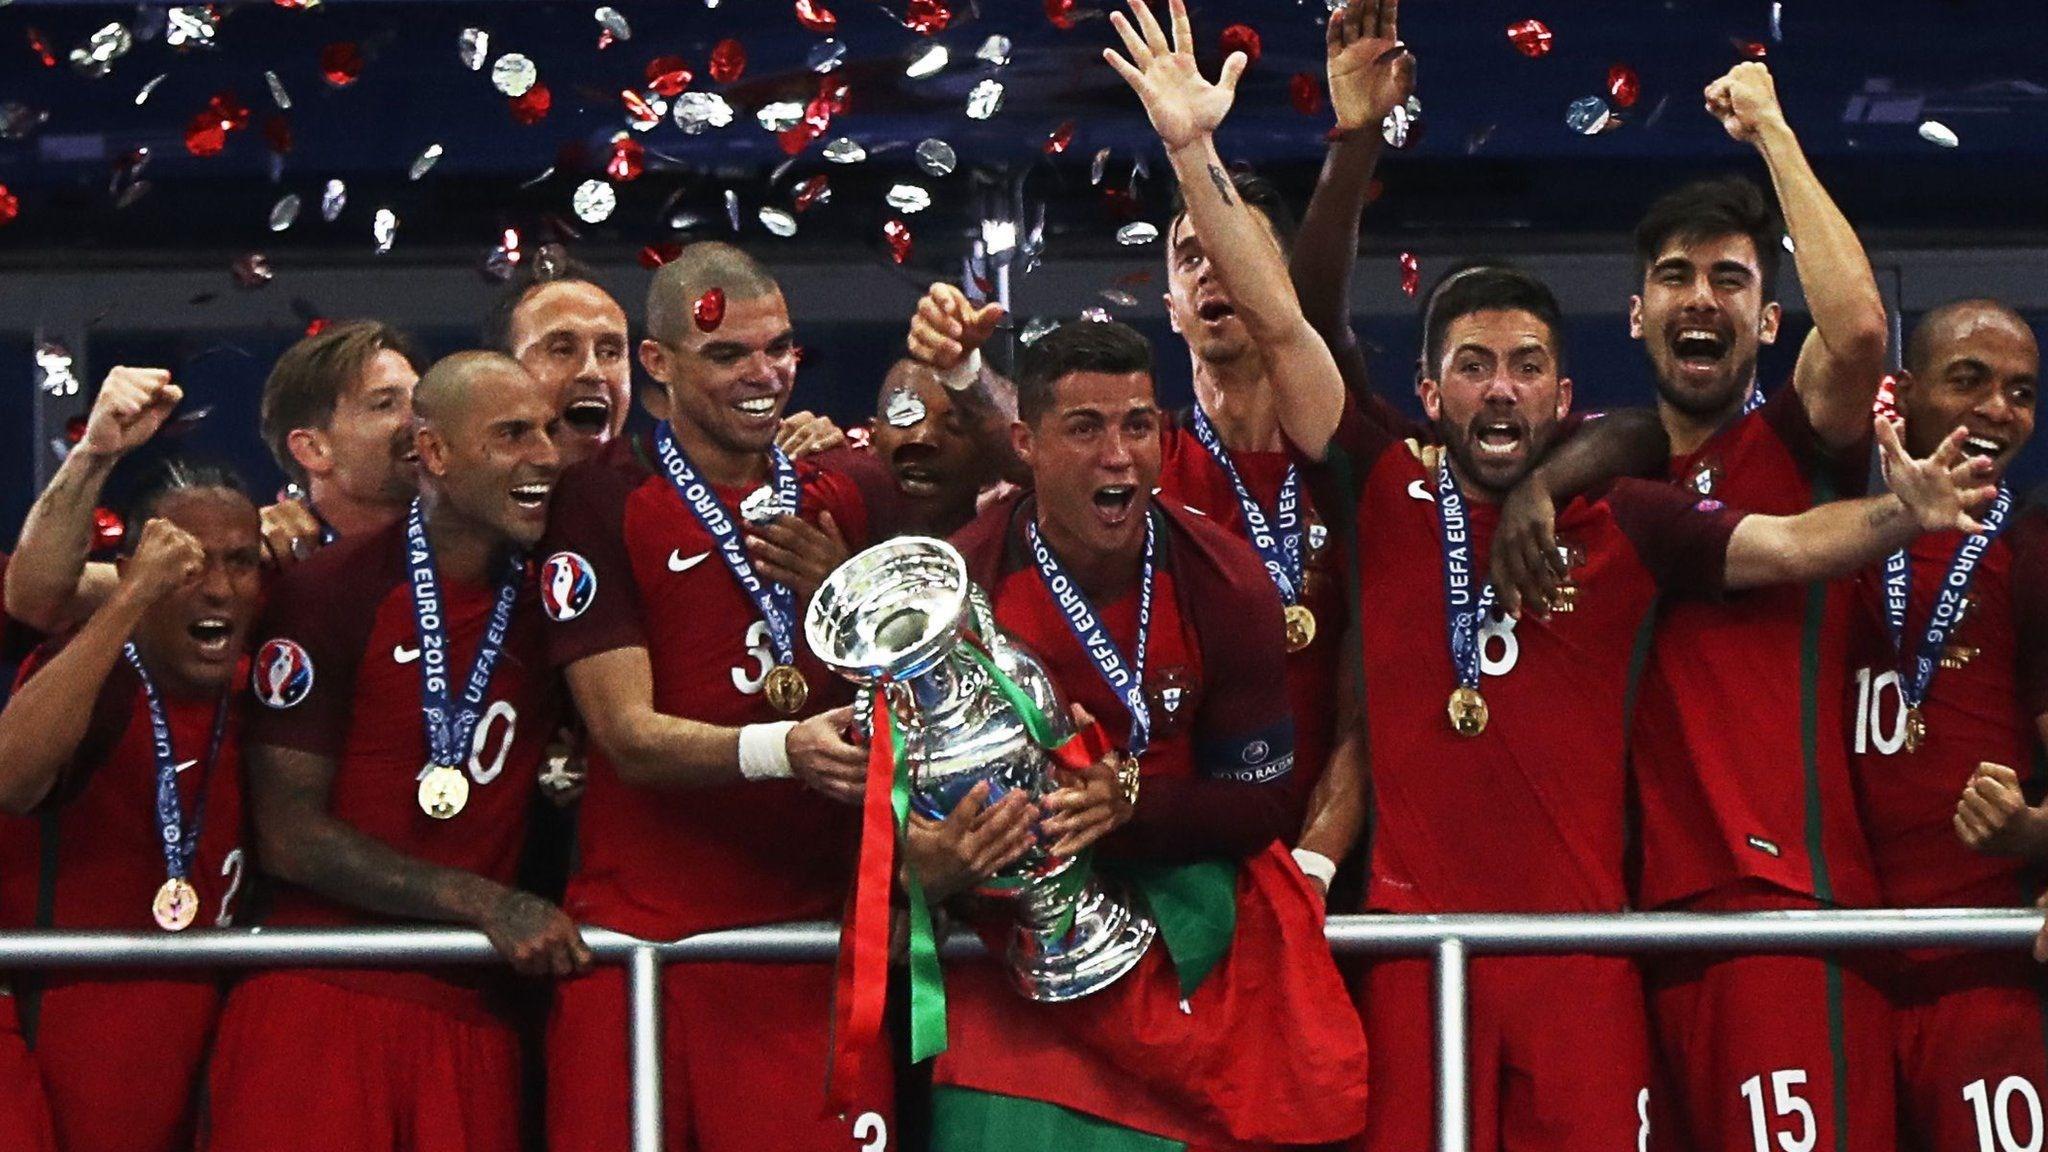 كريستيانو رونالدو بطلاً لكأس أمم أوروبا في العام 2016